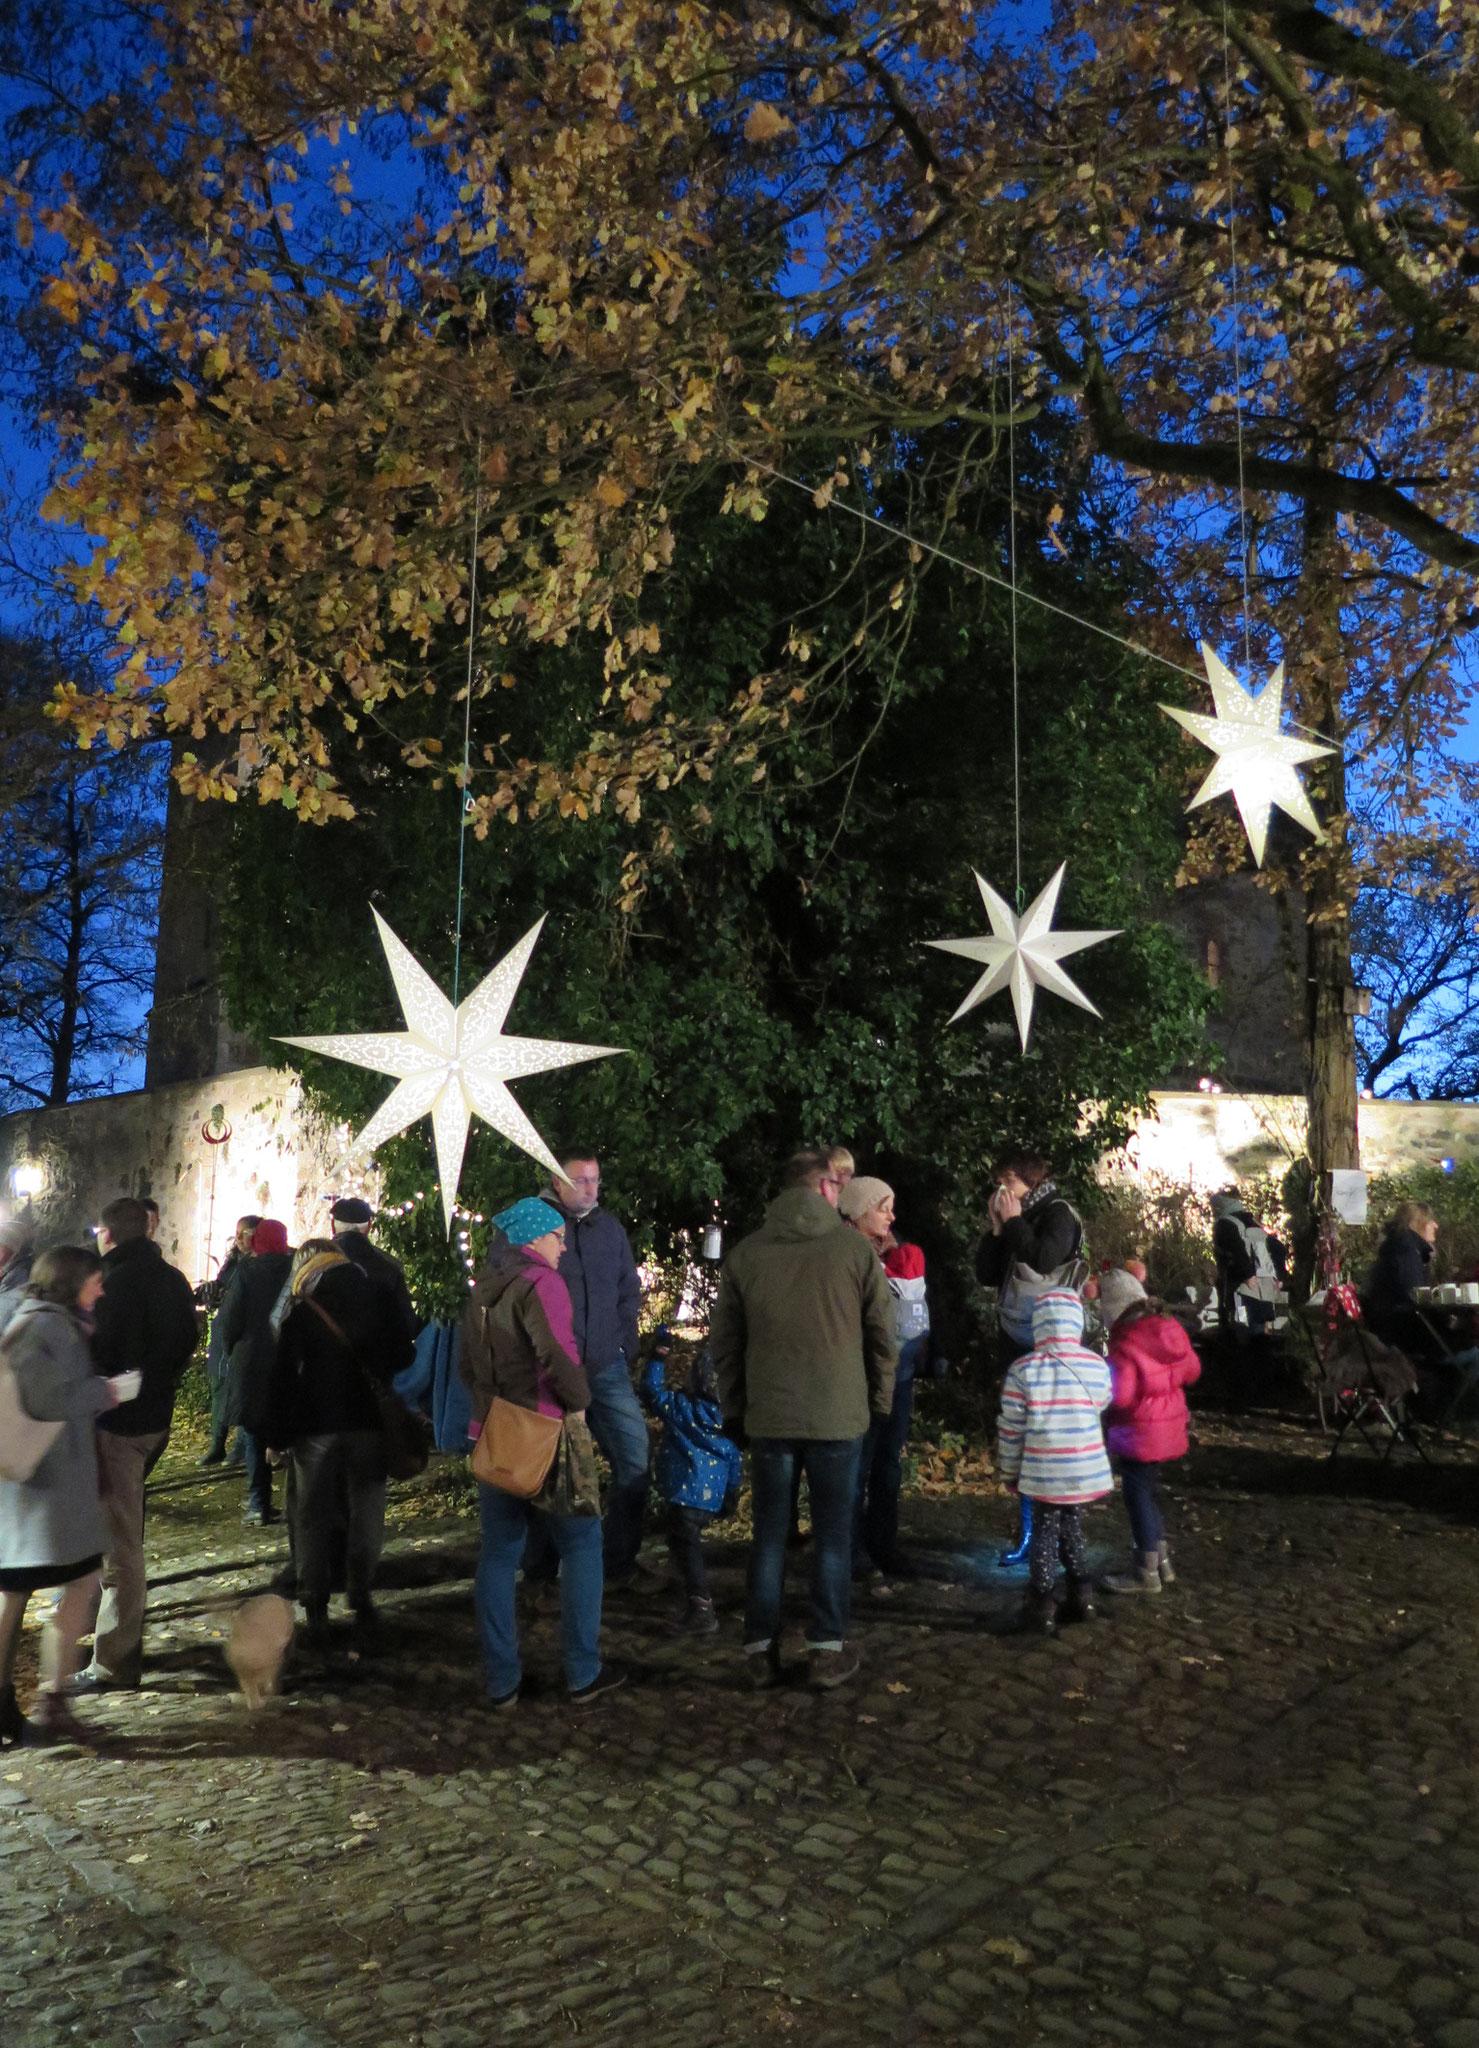 Lichterglanz beim Weihnachts-Zauber